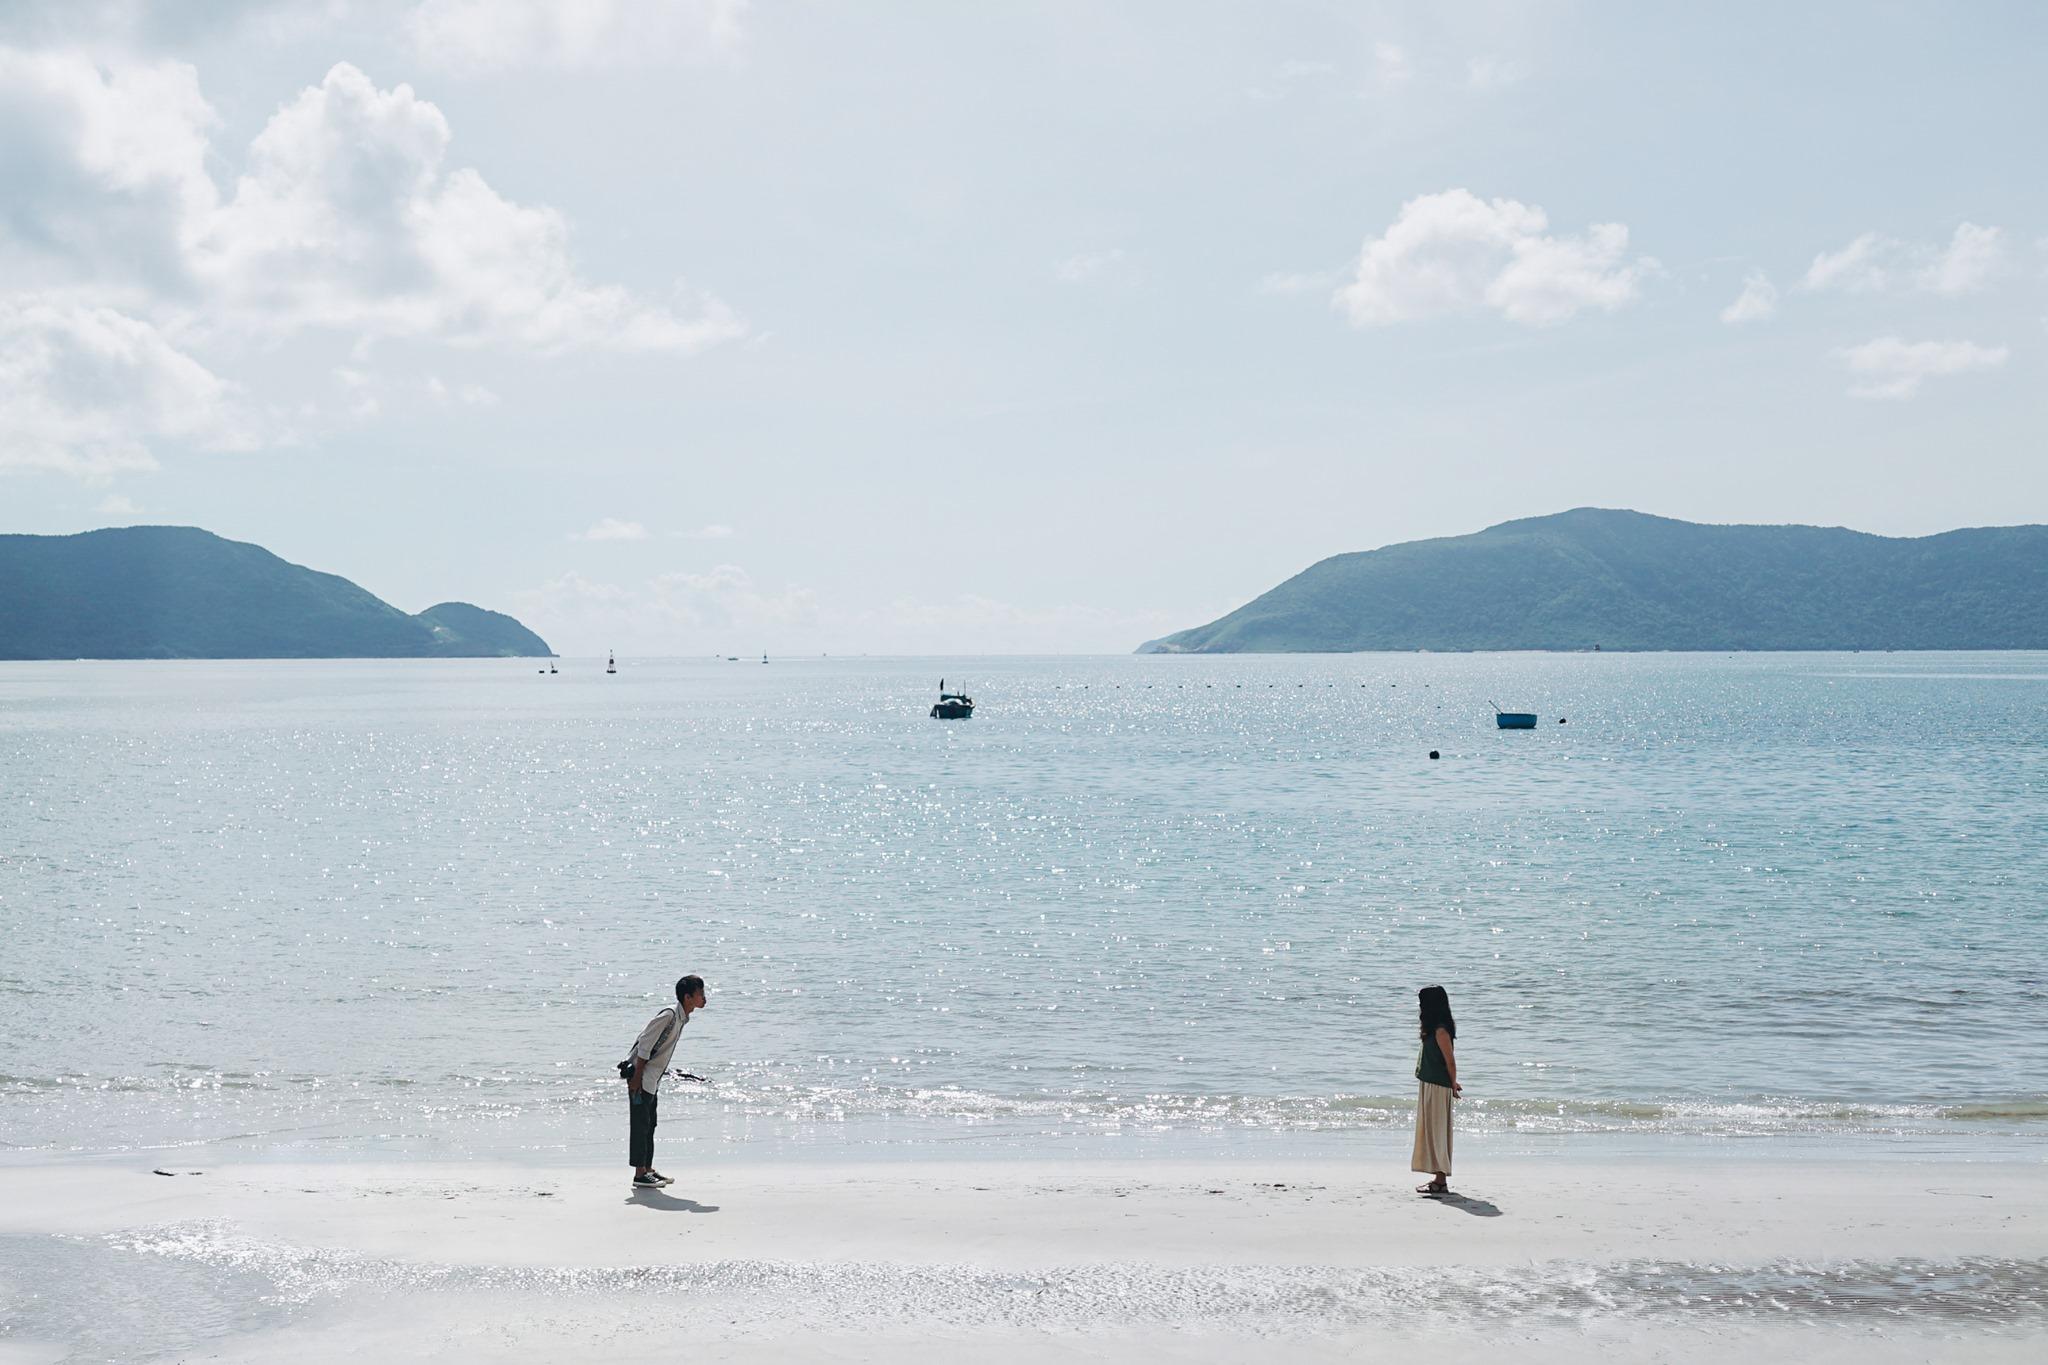 Bãi biển xanh trong vắt. Hình: Huynh Thanh Phuong Anh